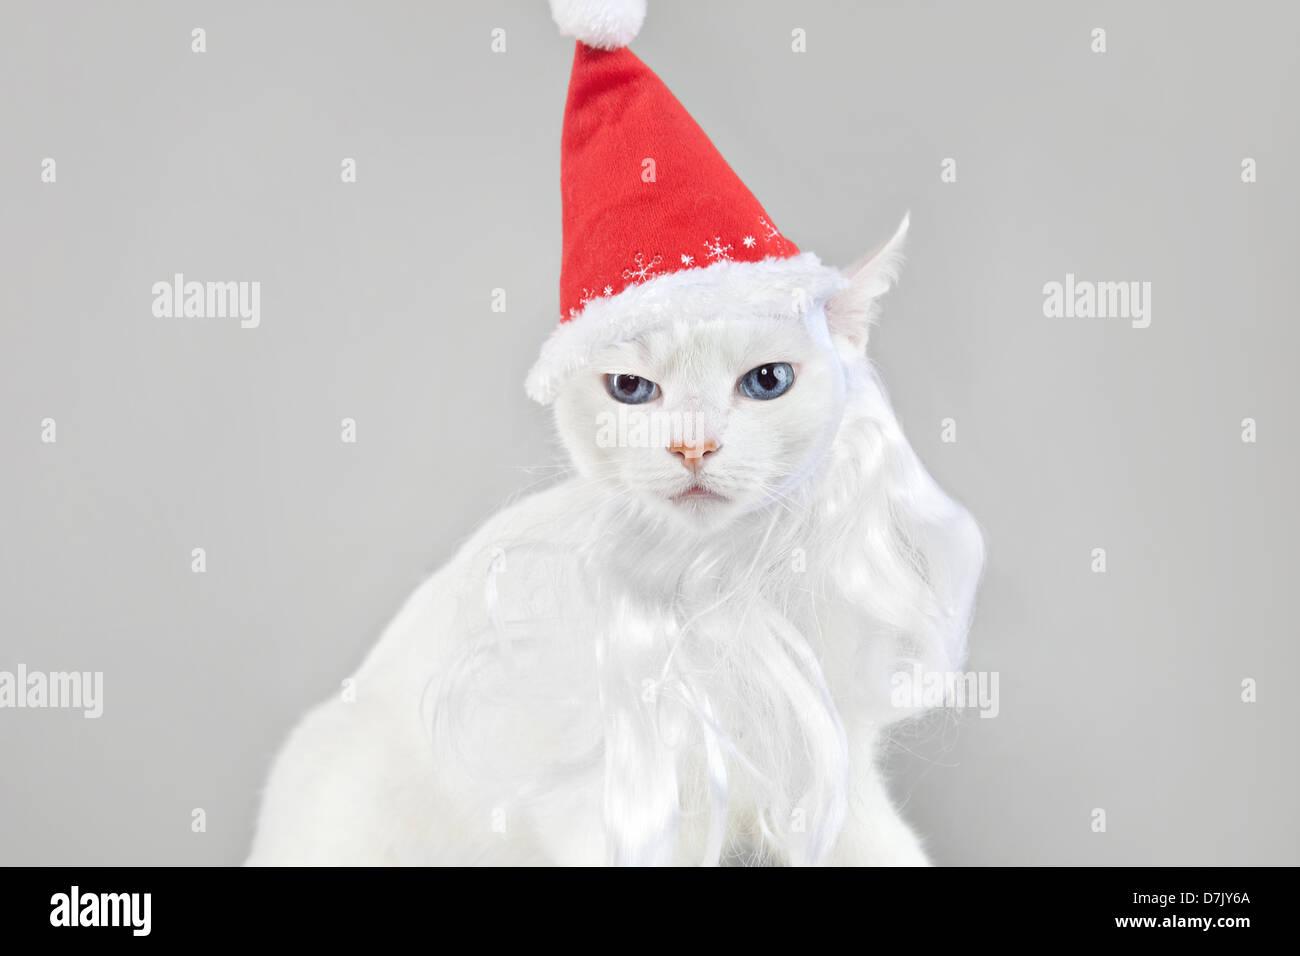 Santa cat ritratto contro uno sfondo grigio Immagini Stock